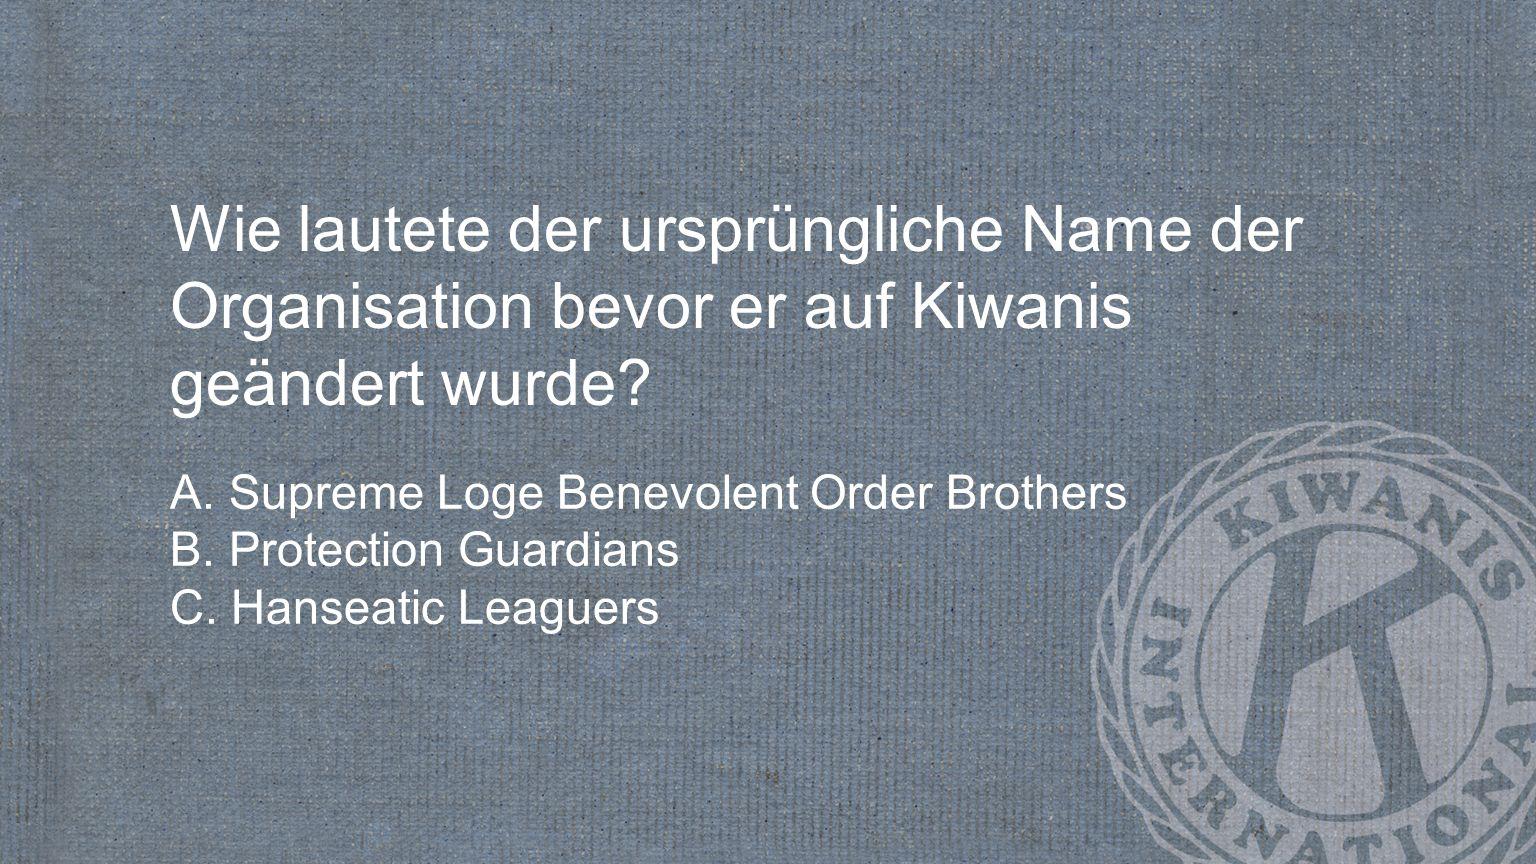 Wie lautete der ursprüngliche Name der Organisation bevor er auf Kiwanis geändert wurde